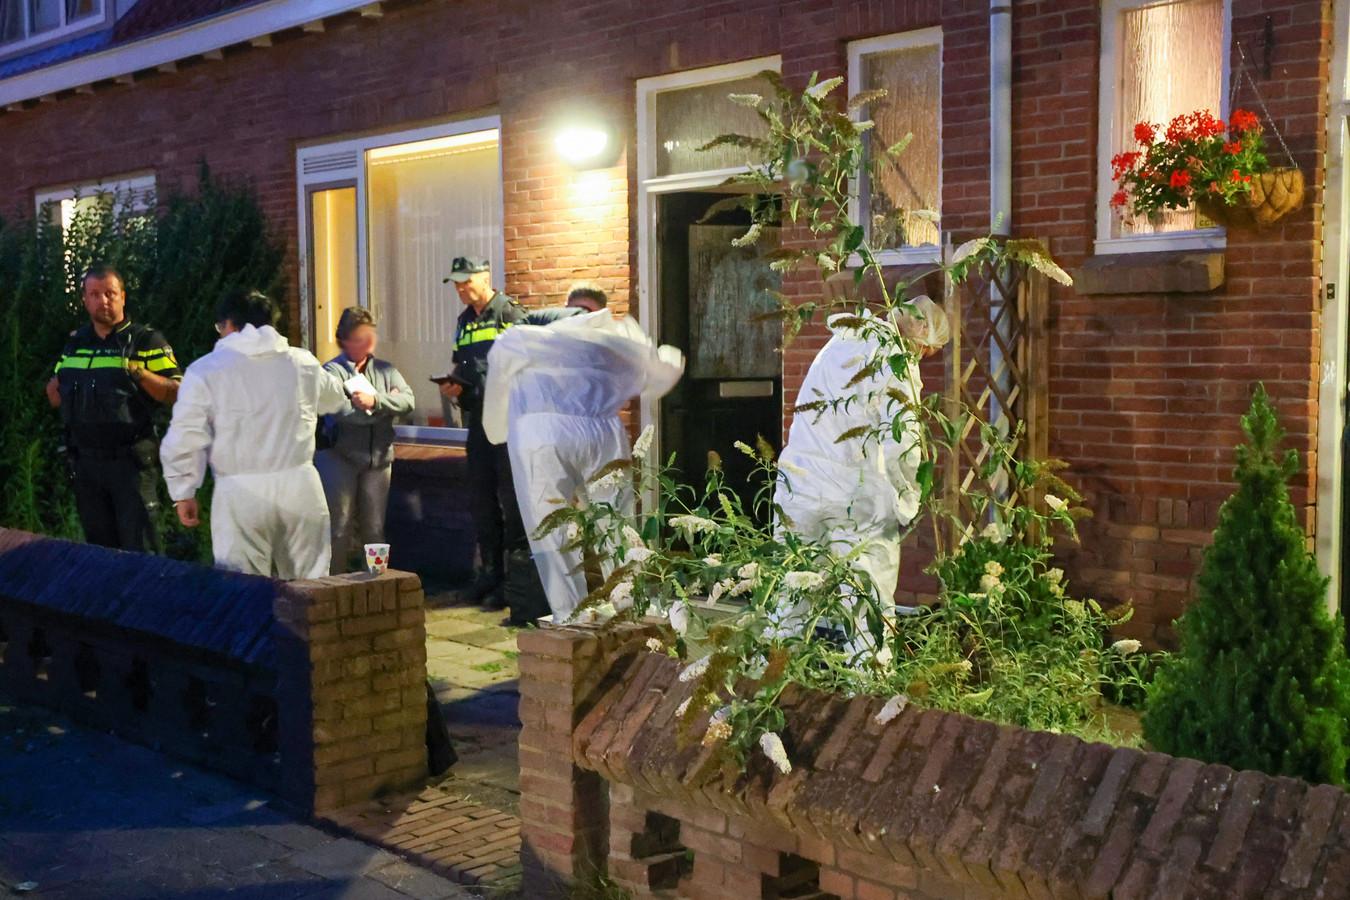 De woning aan de Sparrenstraat waar de Eindhovenaar op 21 juli dood werd aangetroffen.